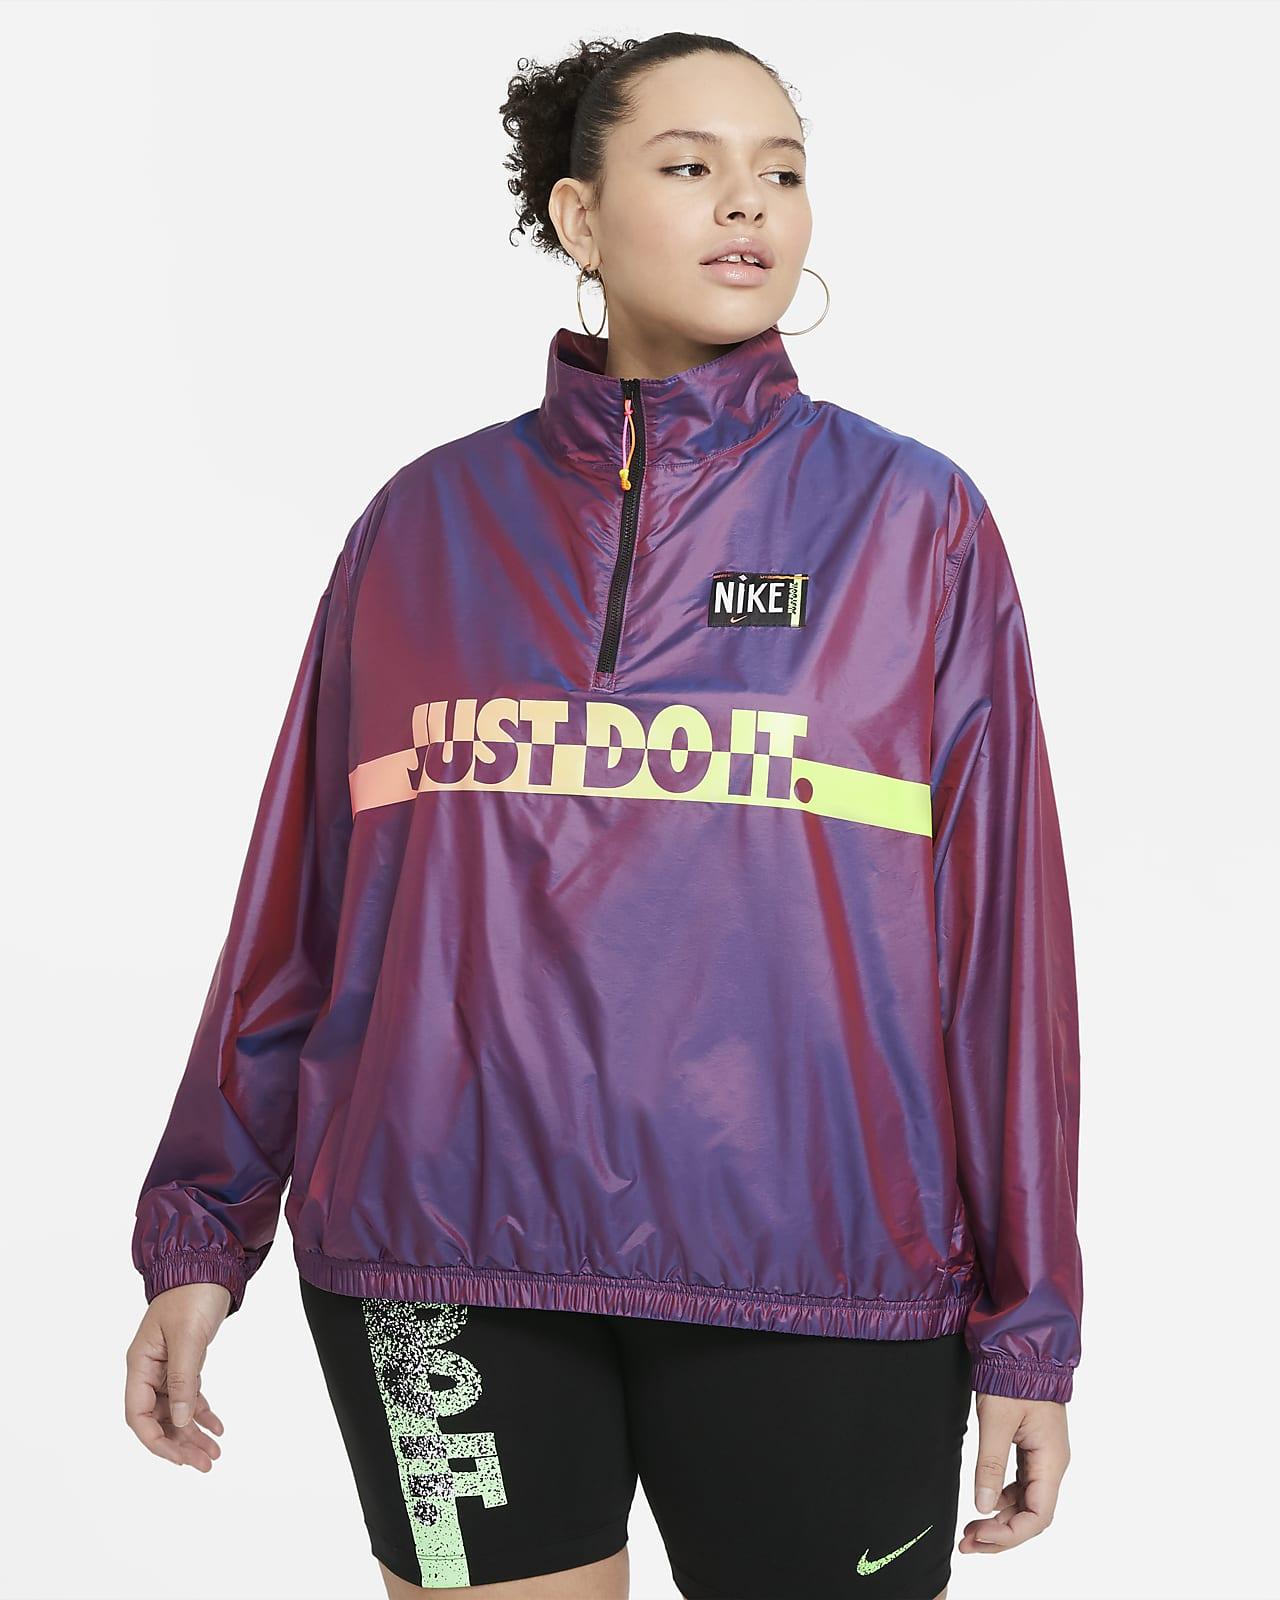 Nike Sportswear Women's Woven Pullover Jacket (Plus Size)